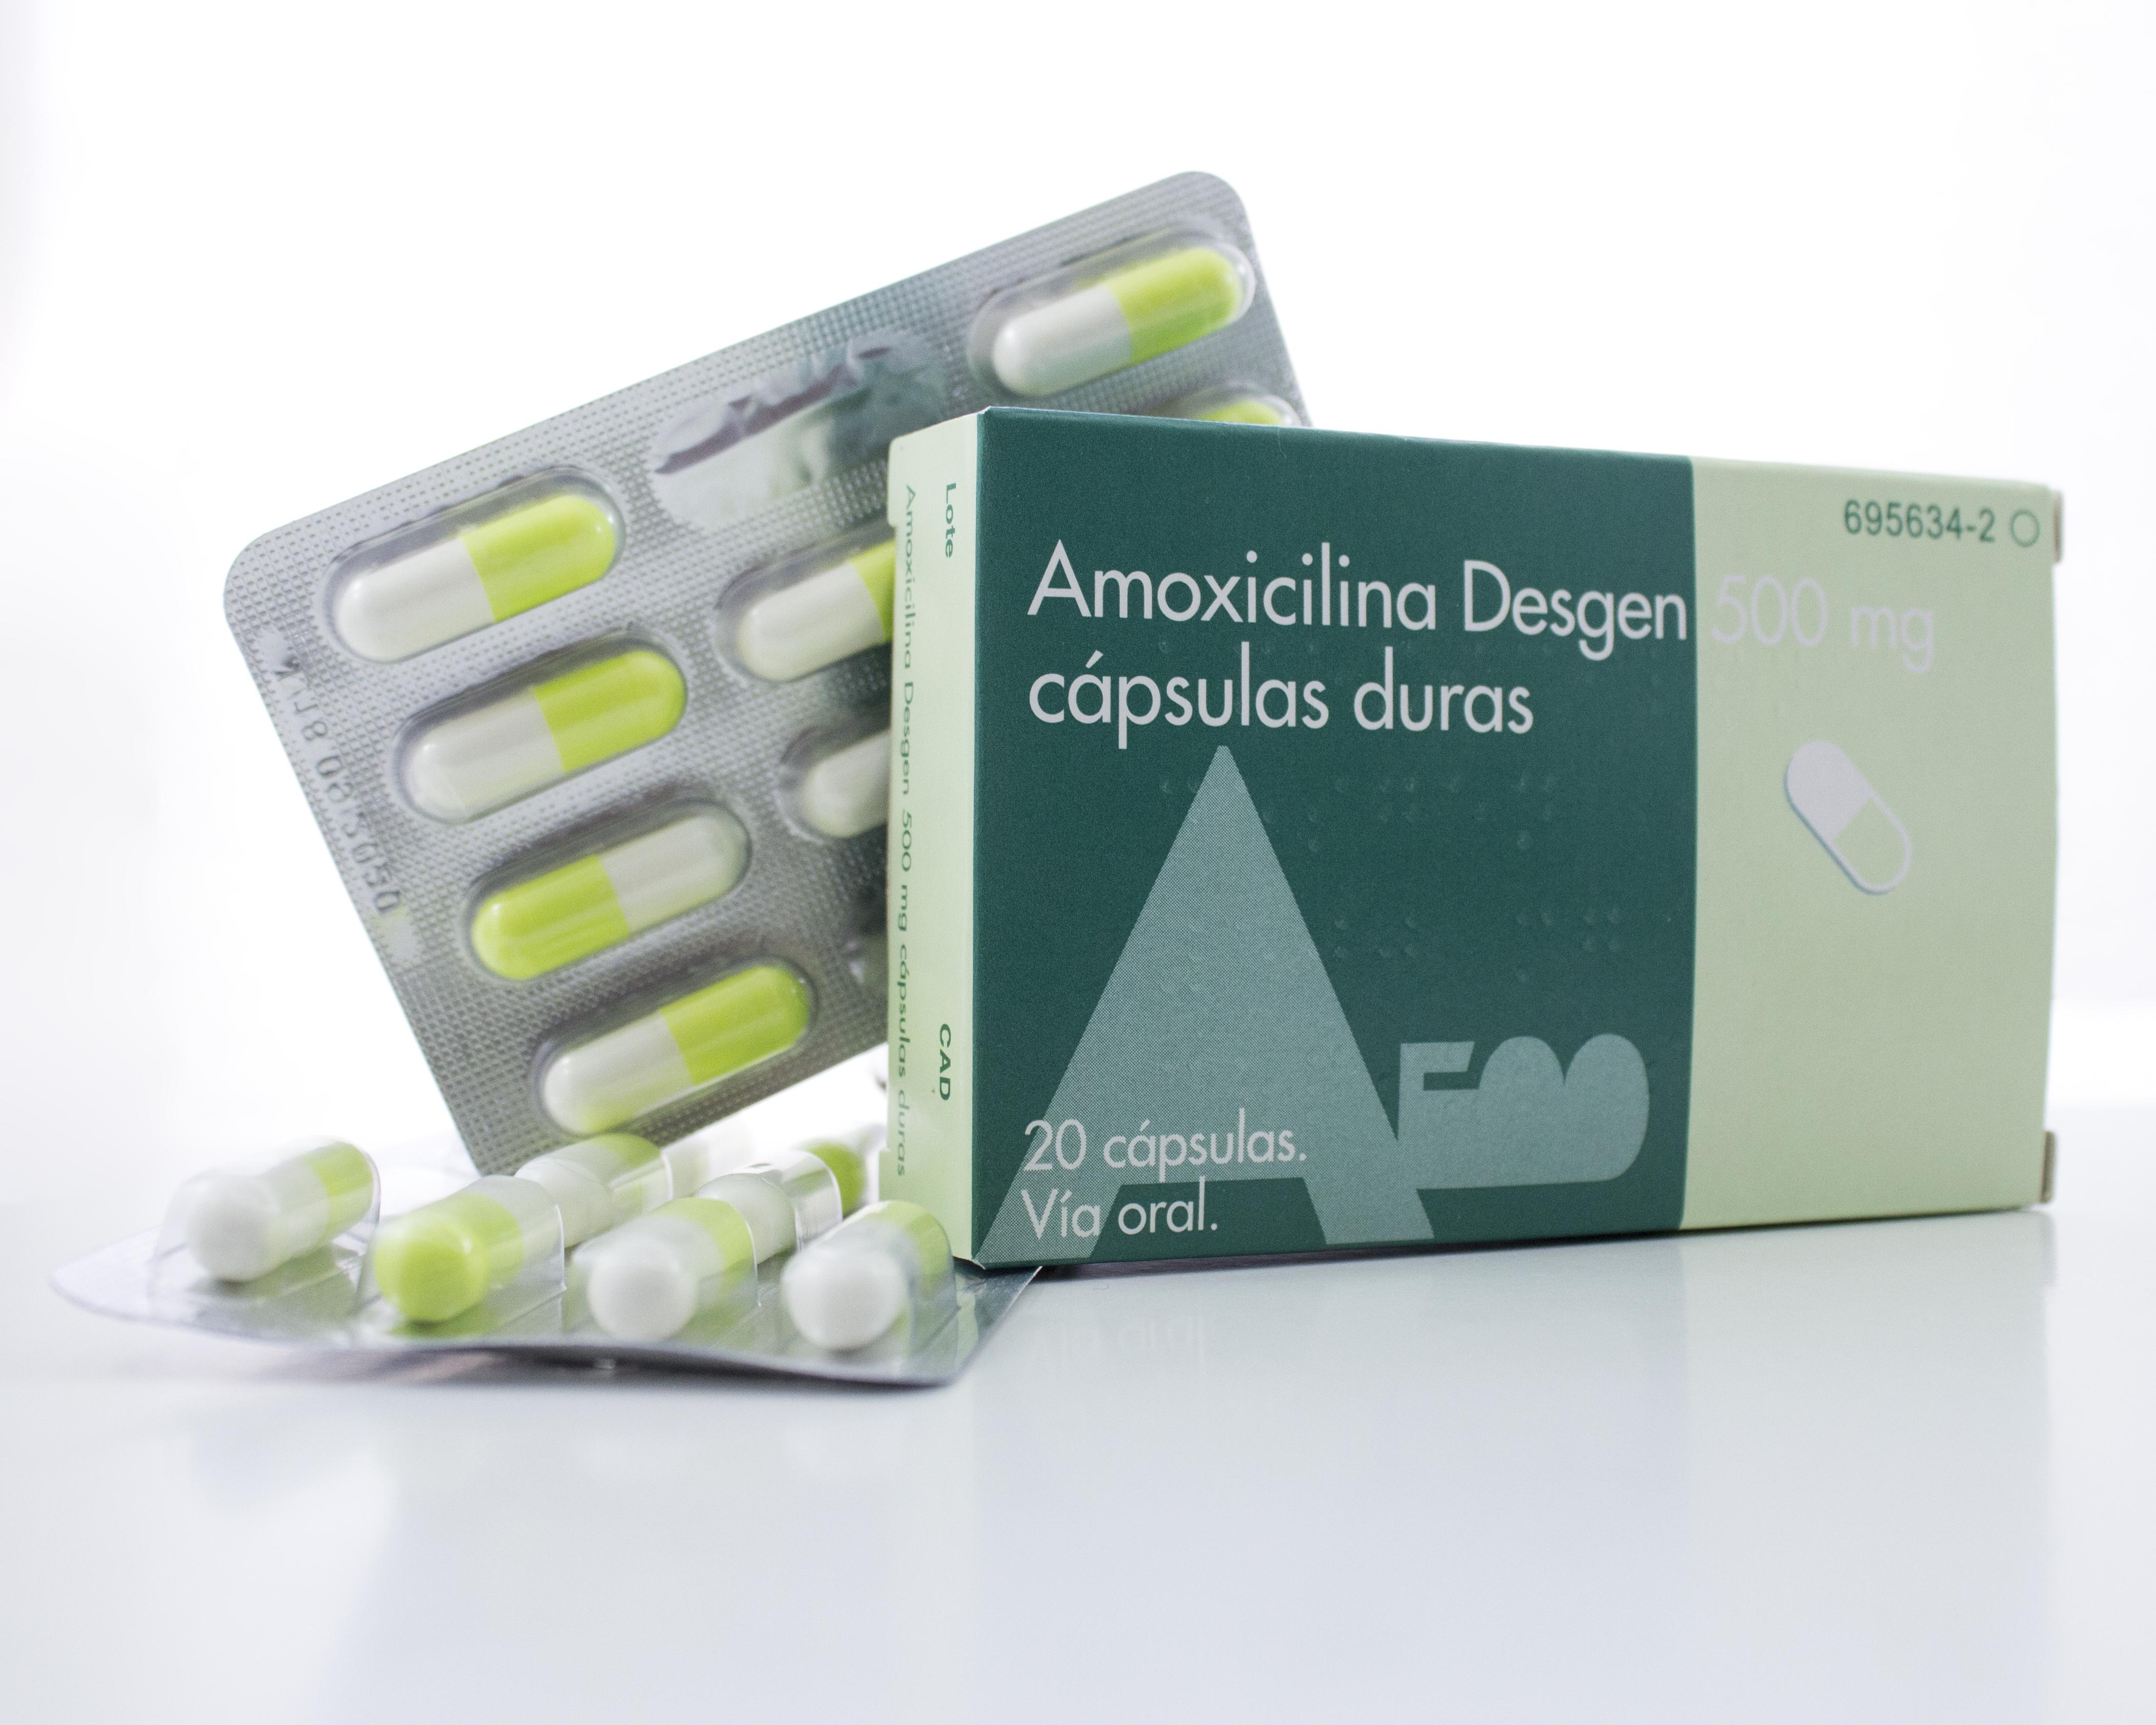 Amoxicilina 20 cápsulas